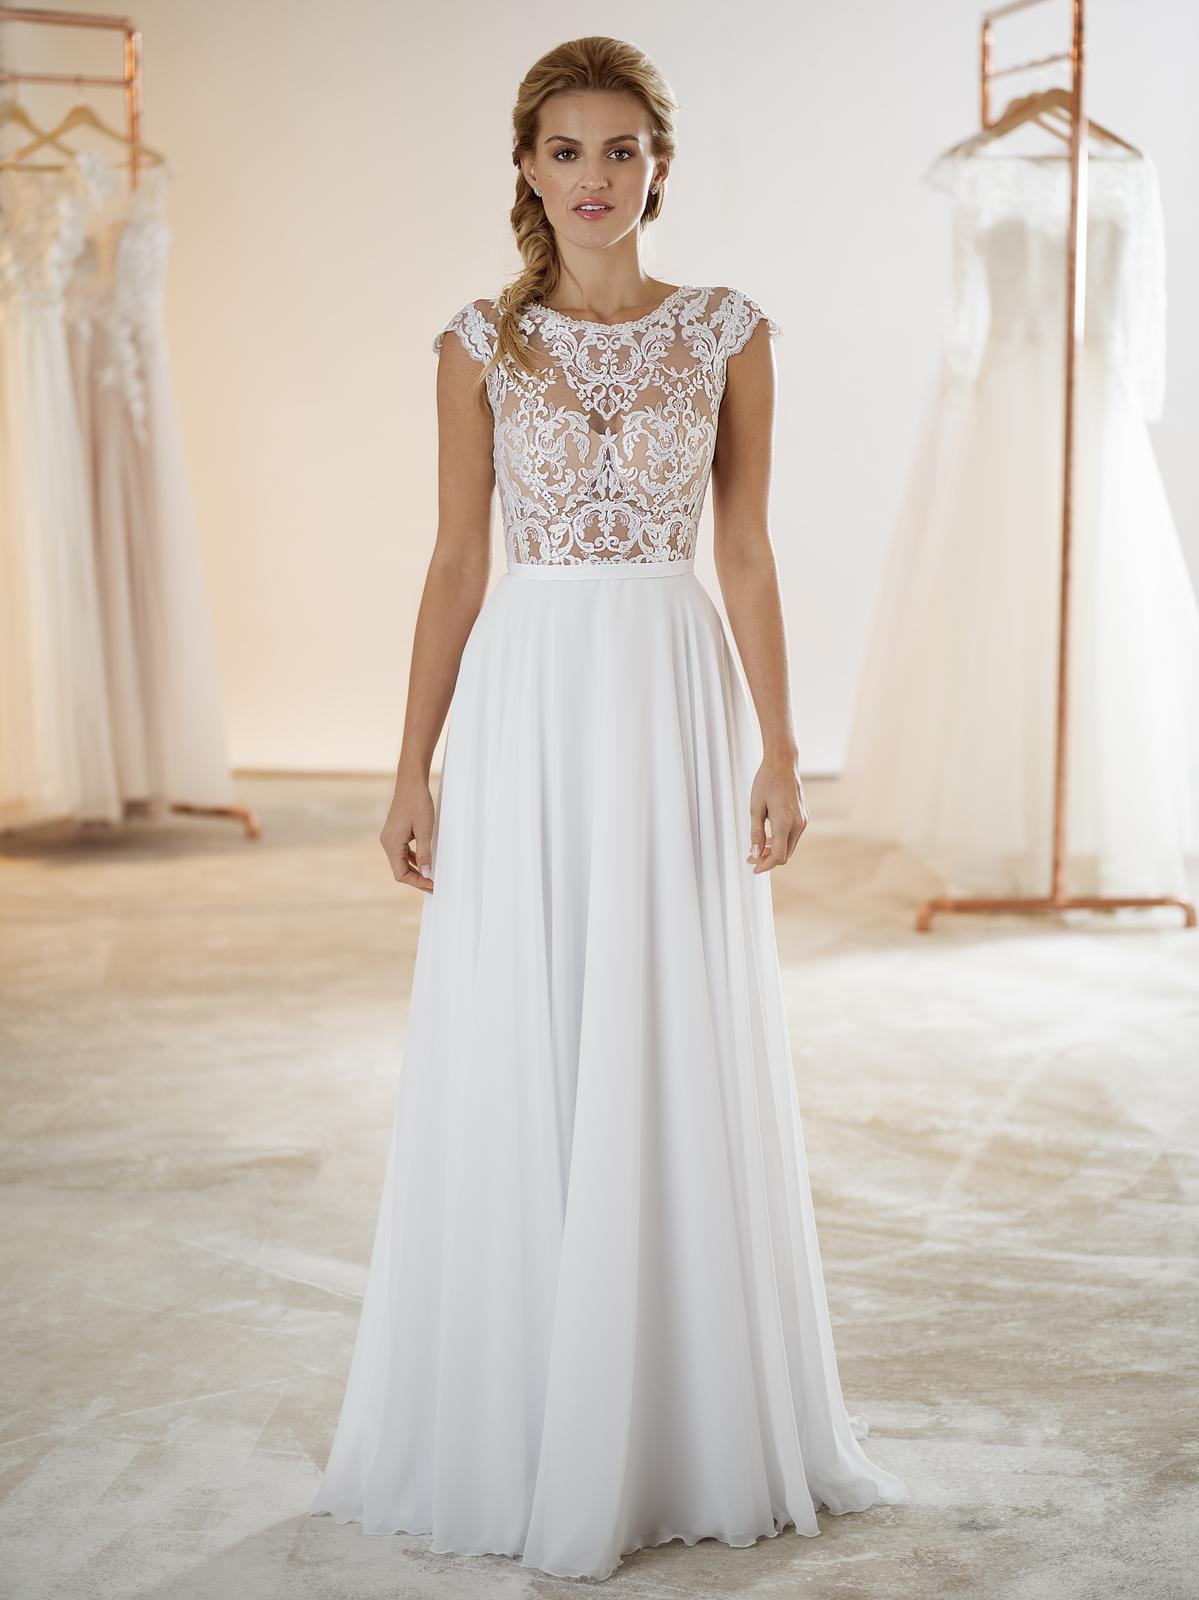 svatební šaty madora - 40 - Obrázek č. 1